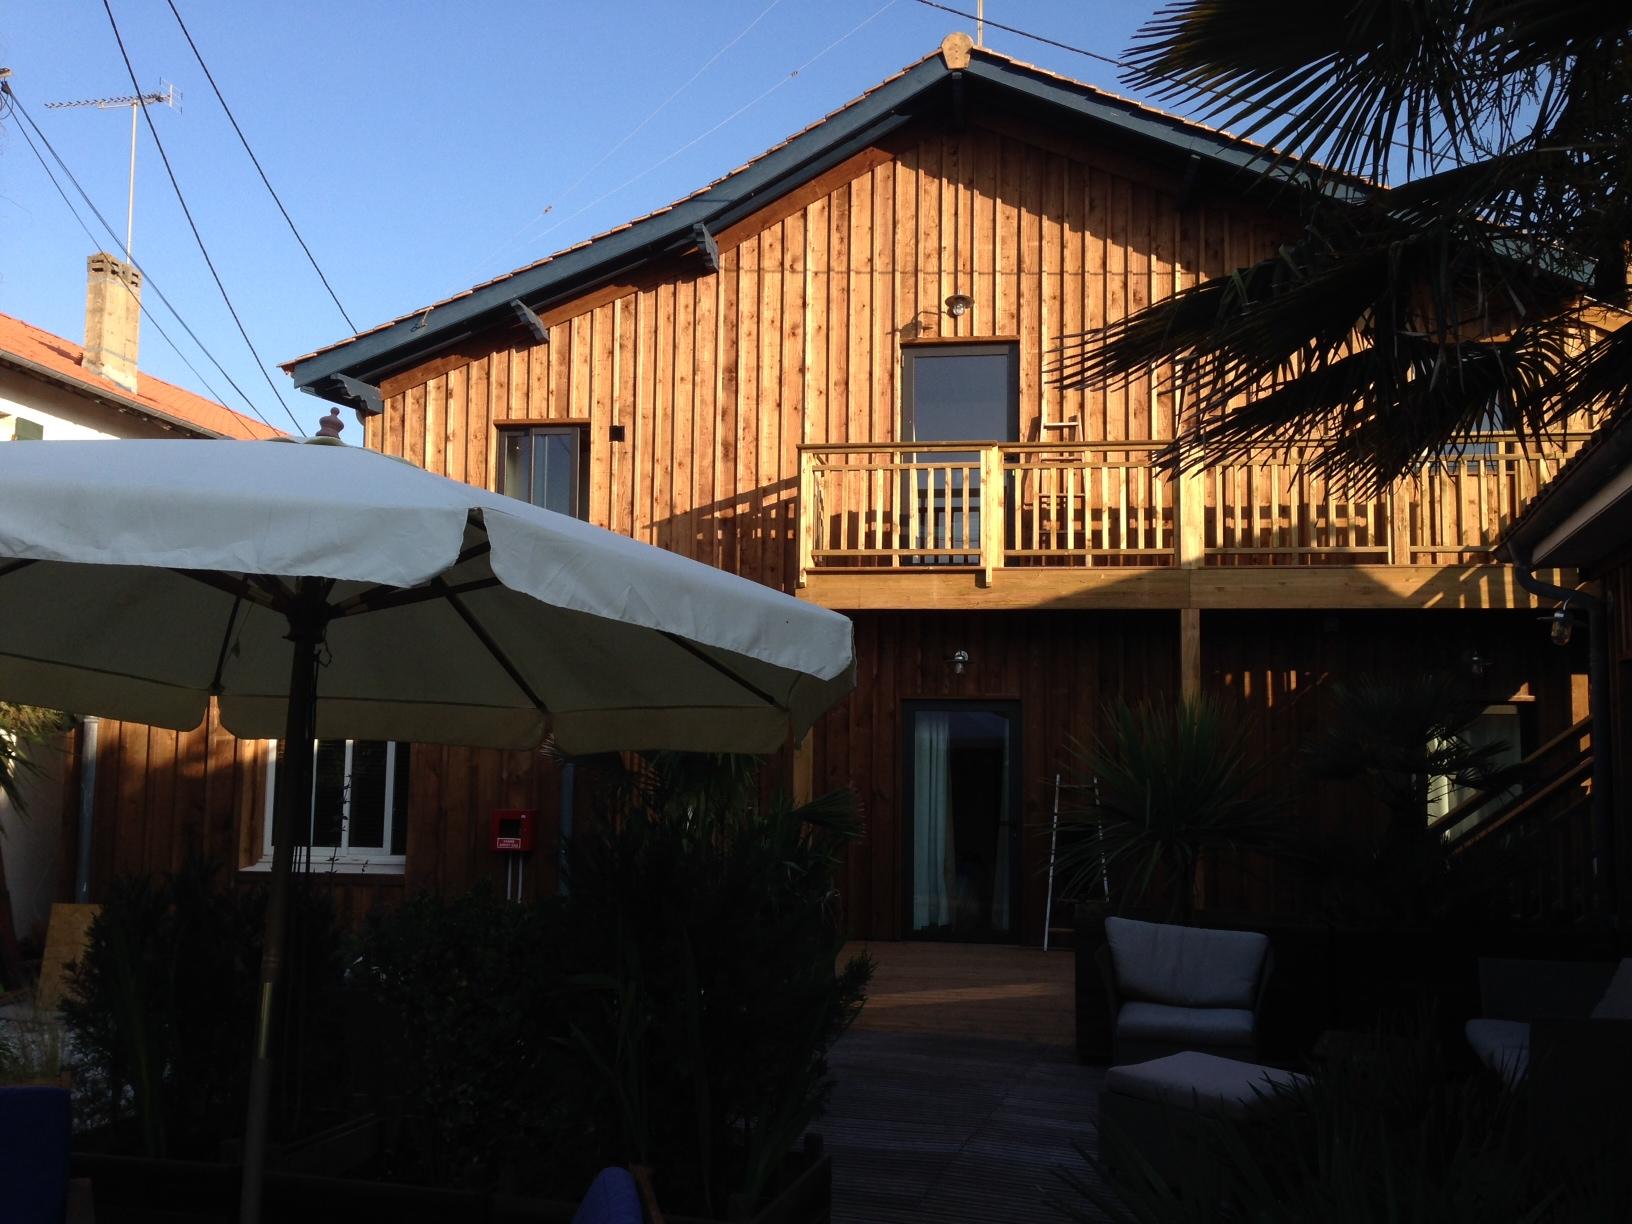 Hotel du cap - Cap Ferret